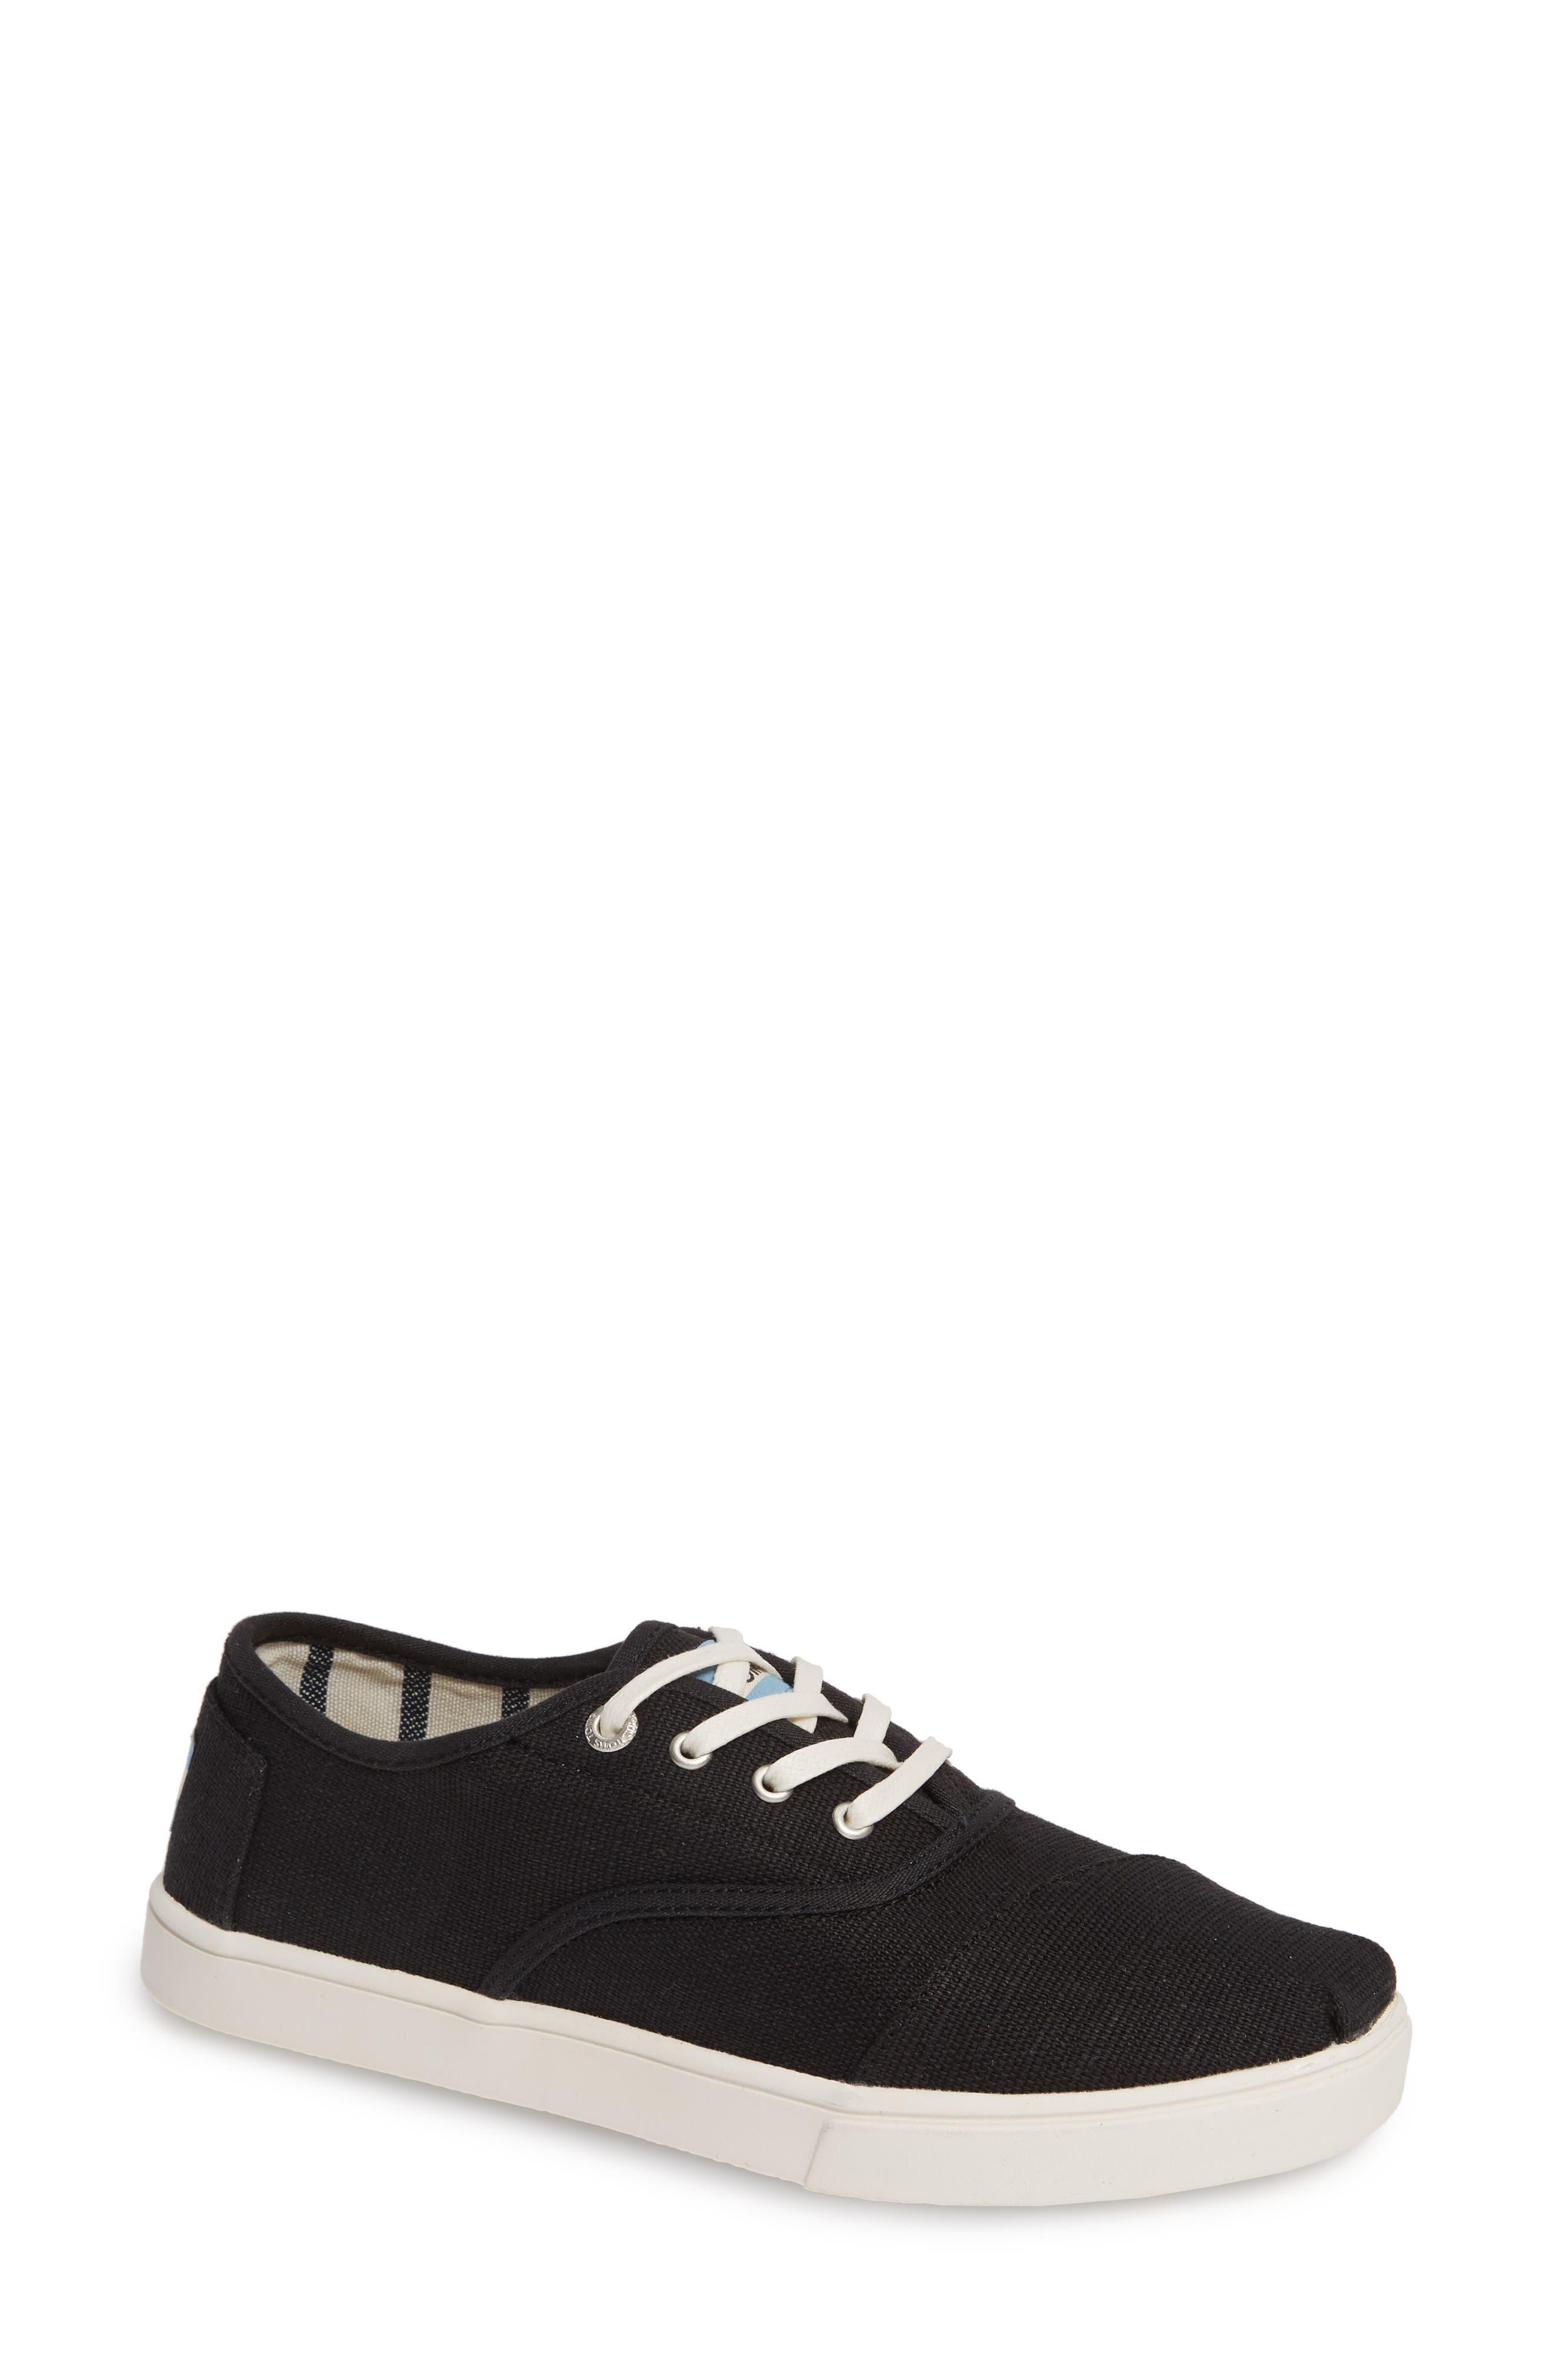 TOMS Cordones Sneaker, Main, color, BLACK HERITAGE CANVAS